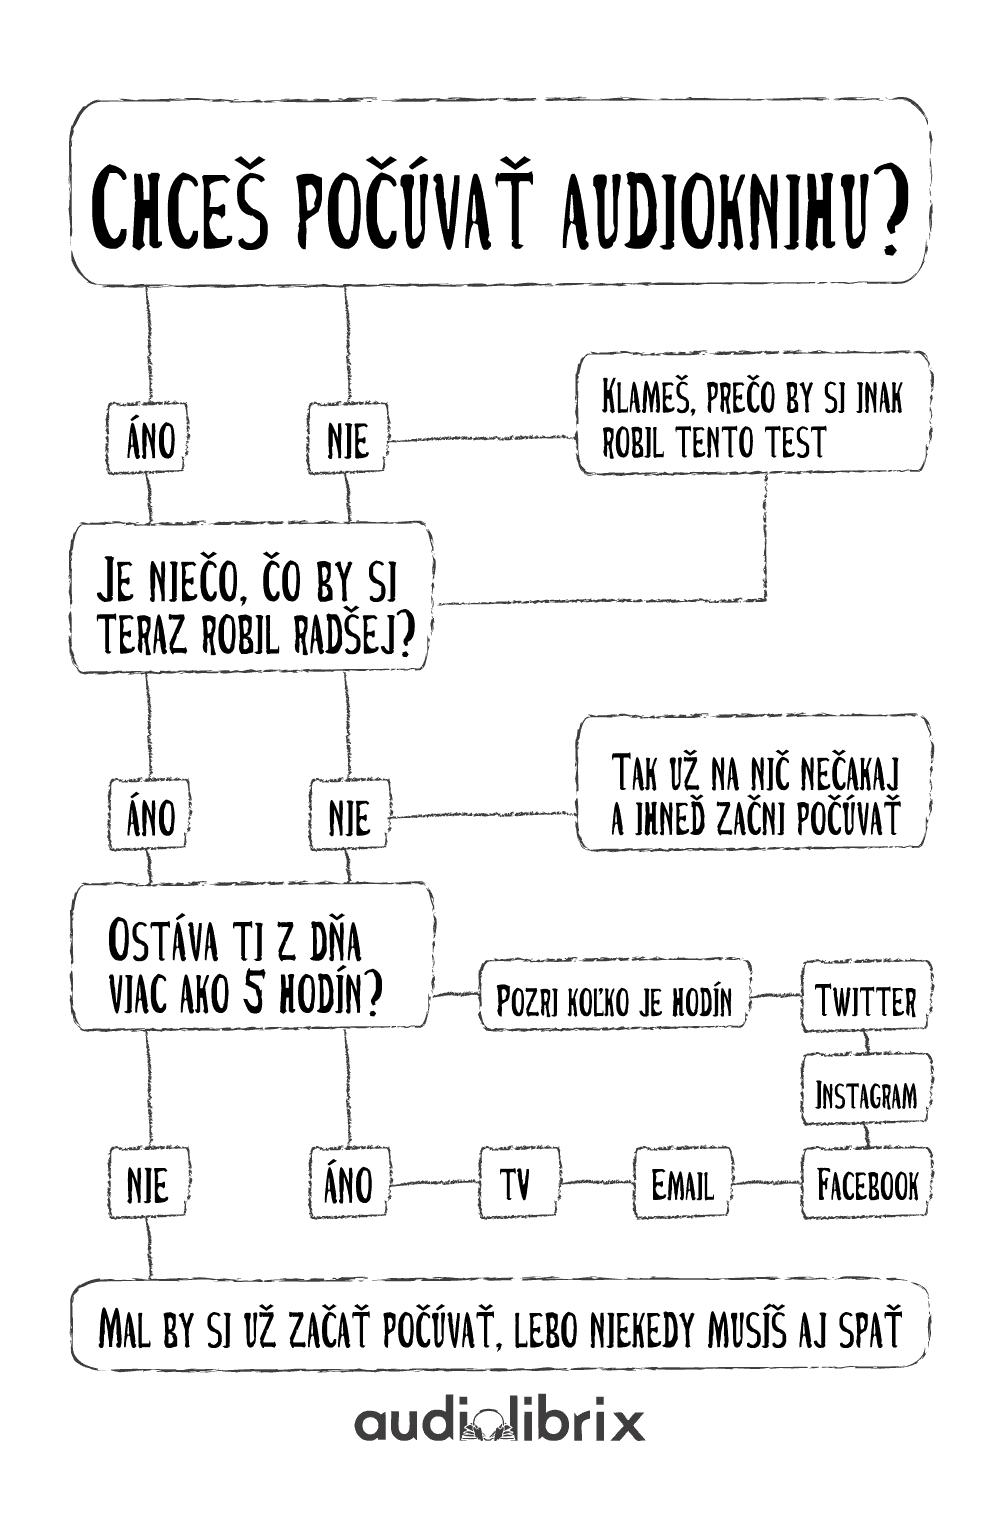 Chces-pocuvat-audioknihu